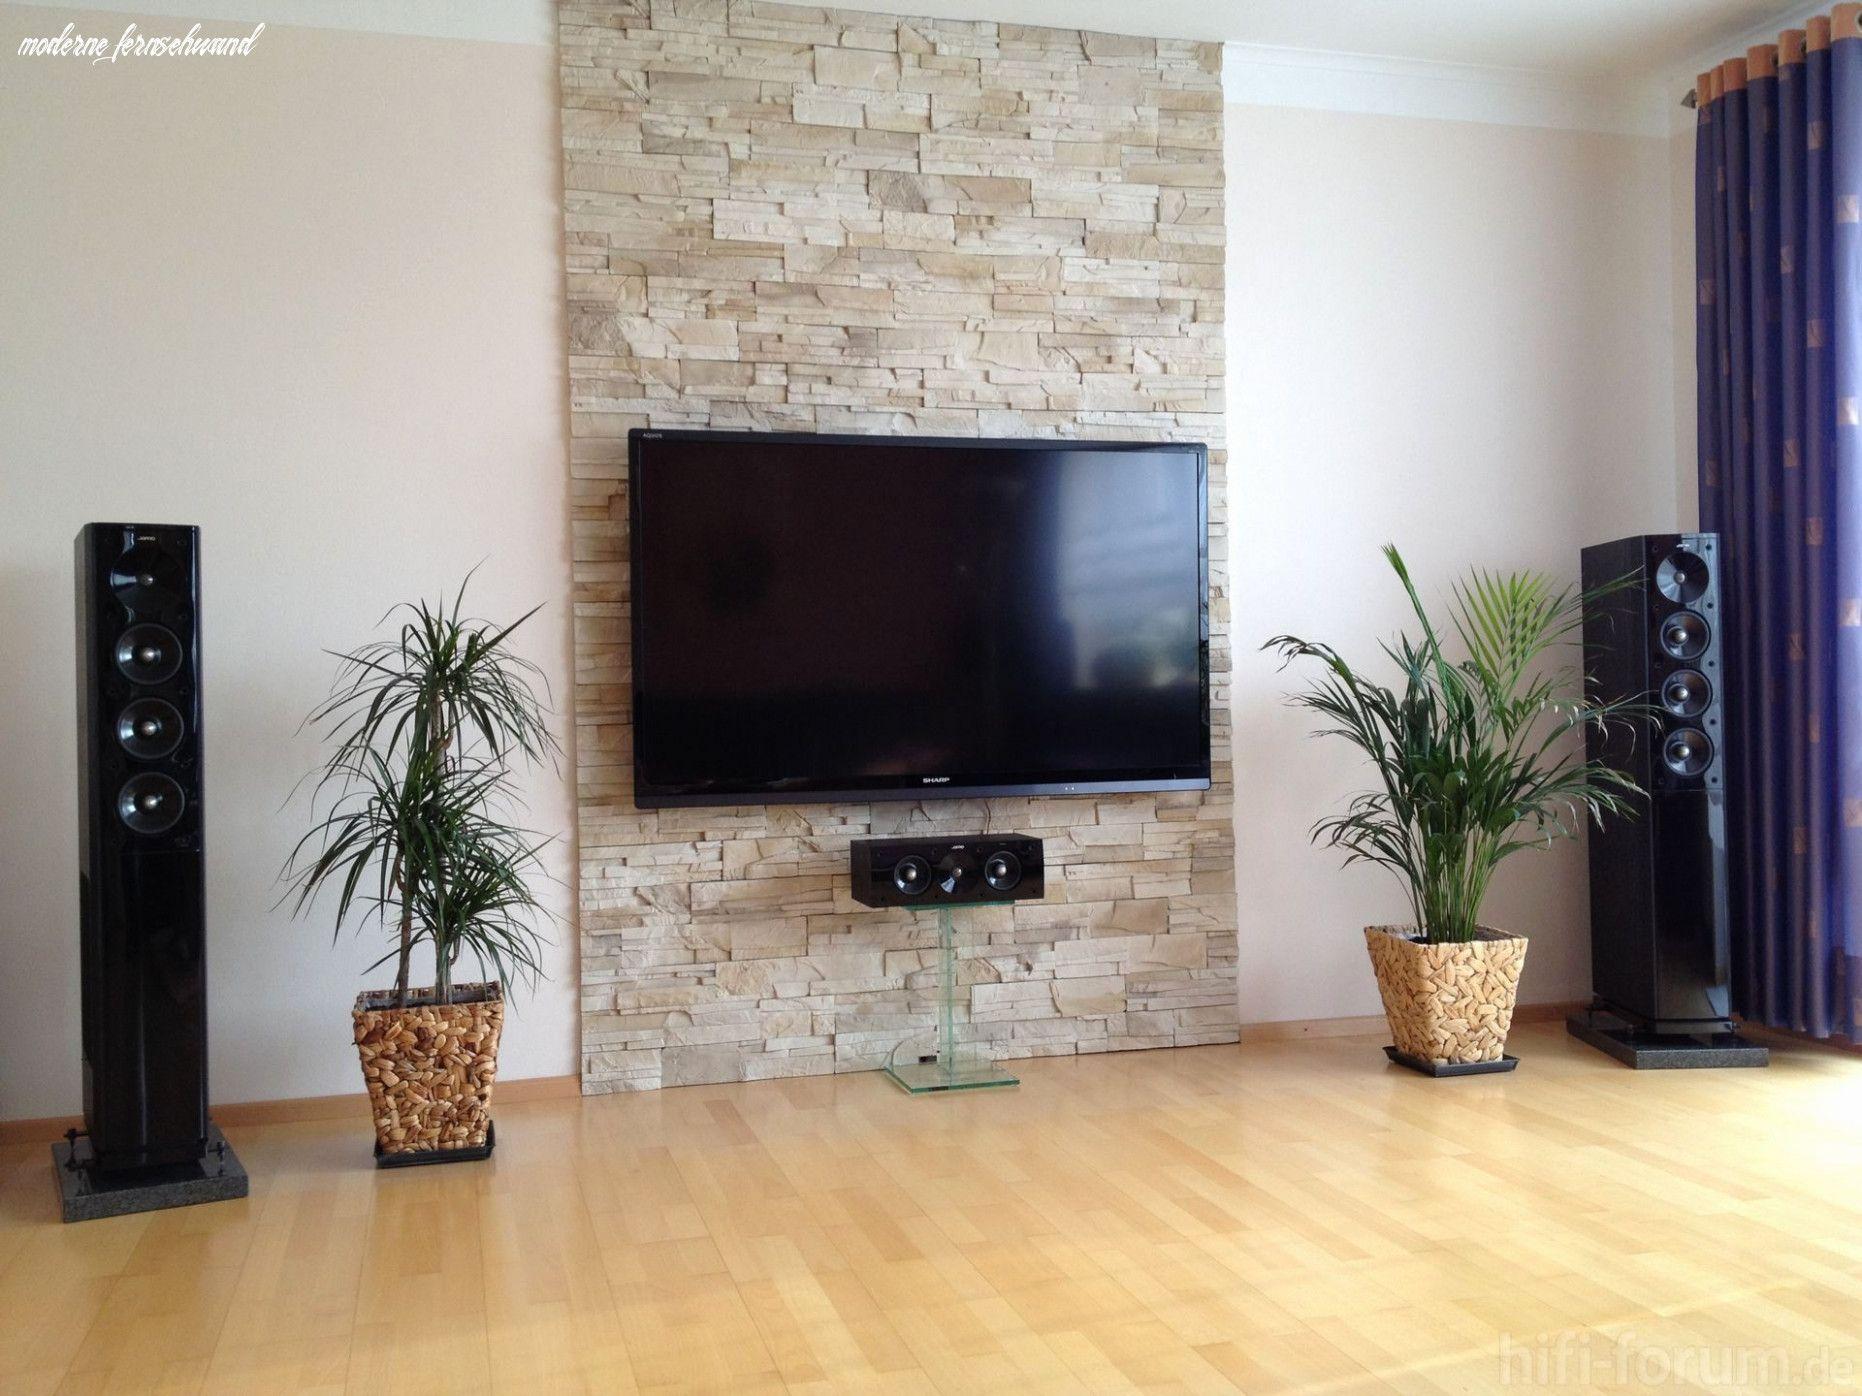 Zehn Merkmale Der Modernen Fernsehwand Die Alle Lieben Lassen In 2020 Steinwand Wohnzimmer Tapete Wohnzimmer Wohnzimmerwand